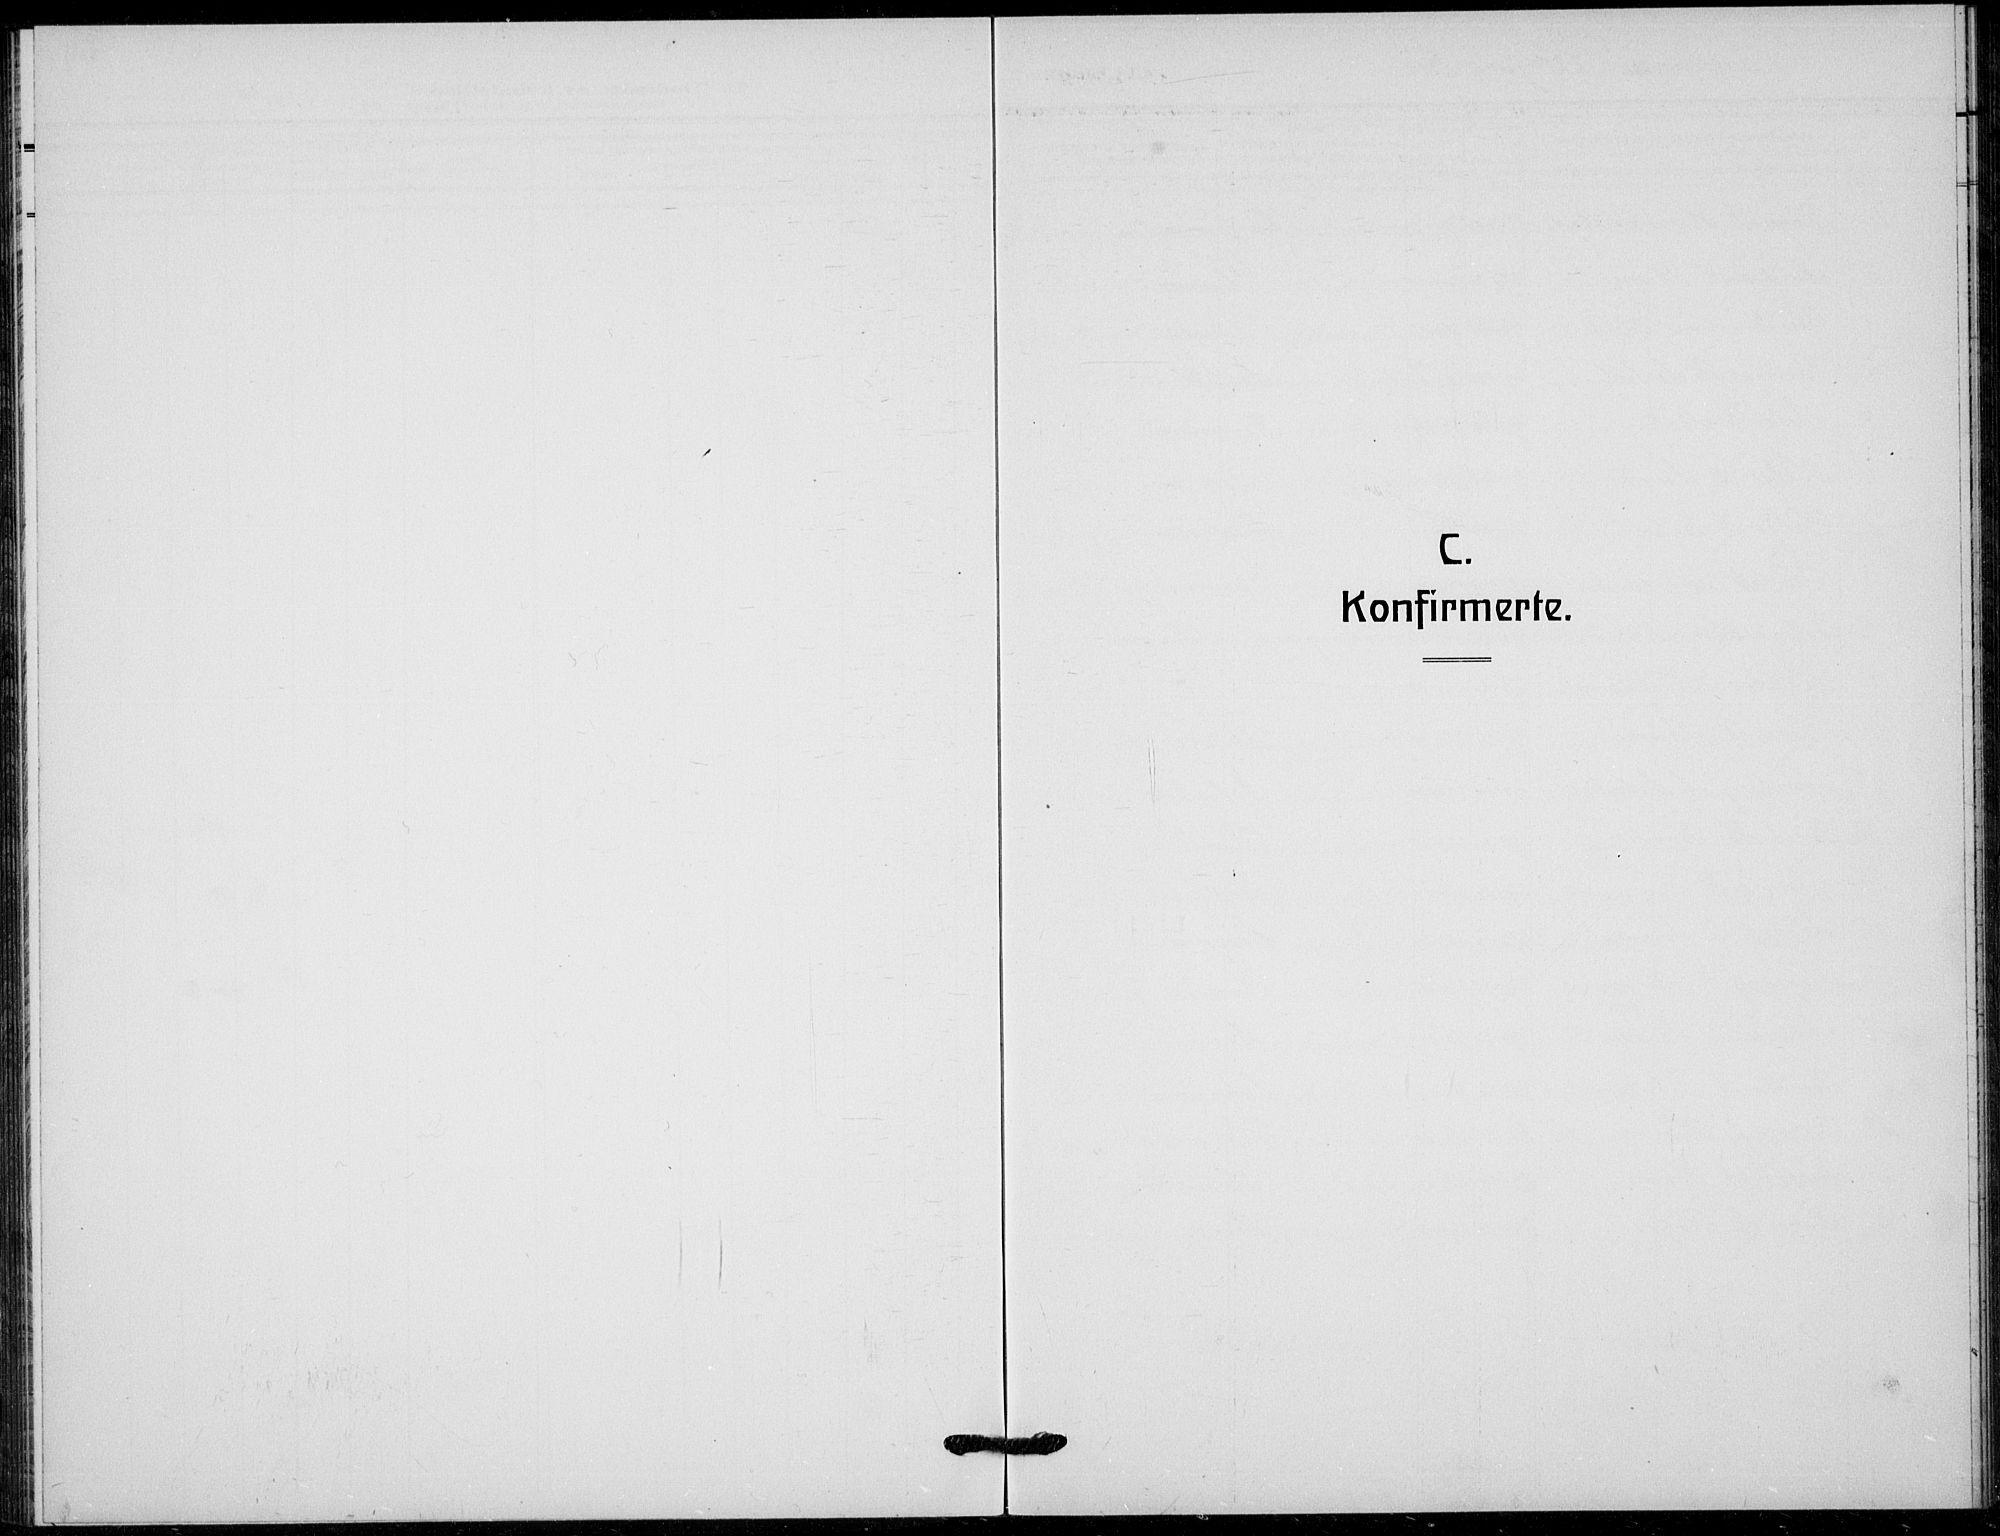 SAH, Vang prestekontor, Valdres, Klokkerbok nr. 12, 1919-1937